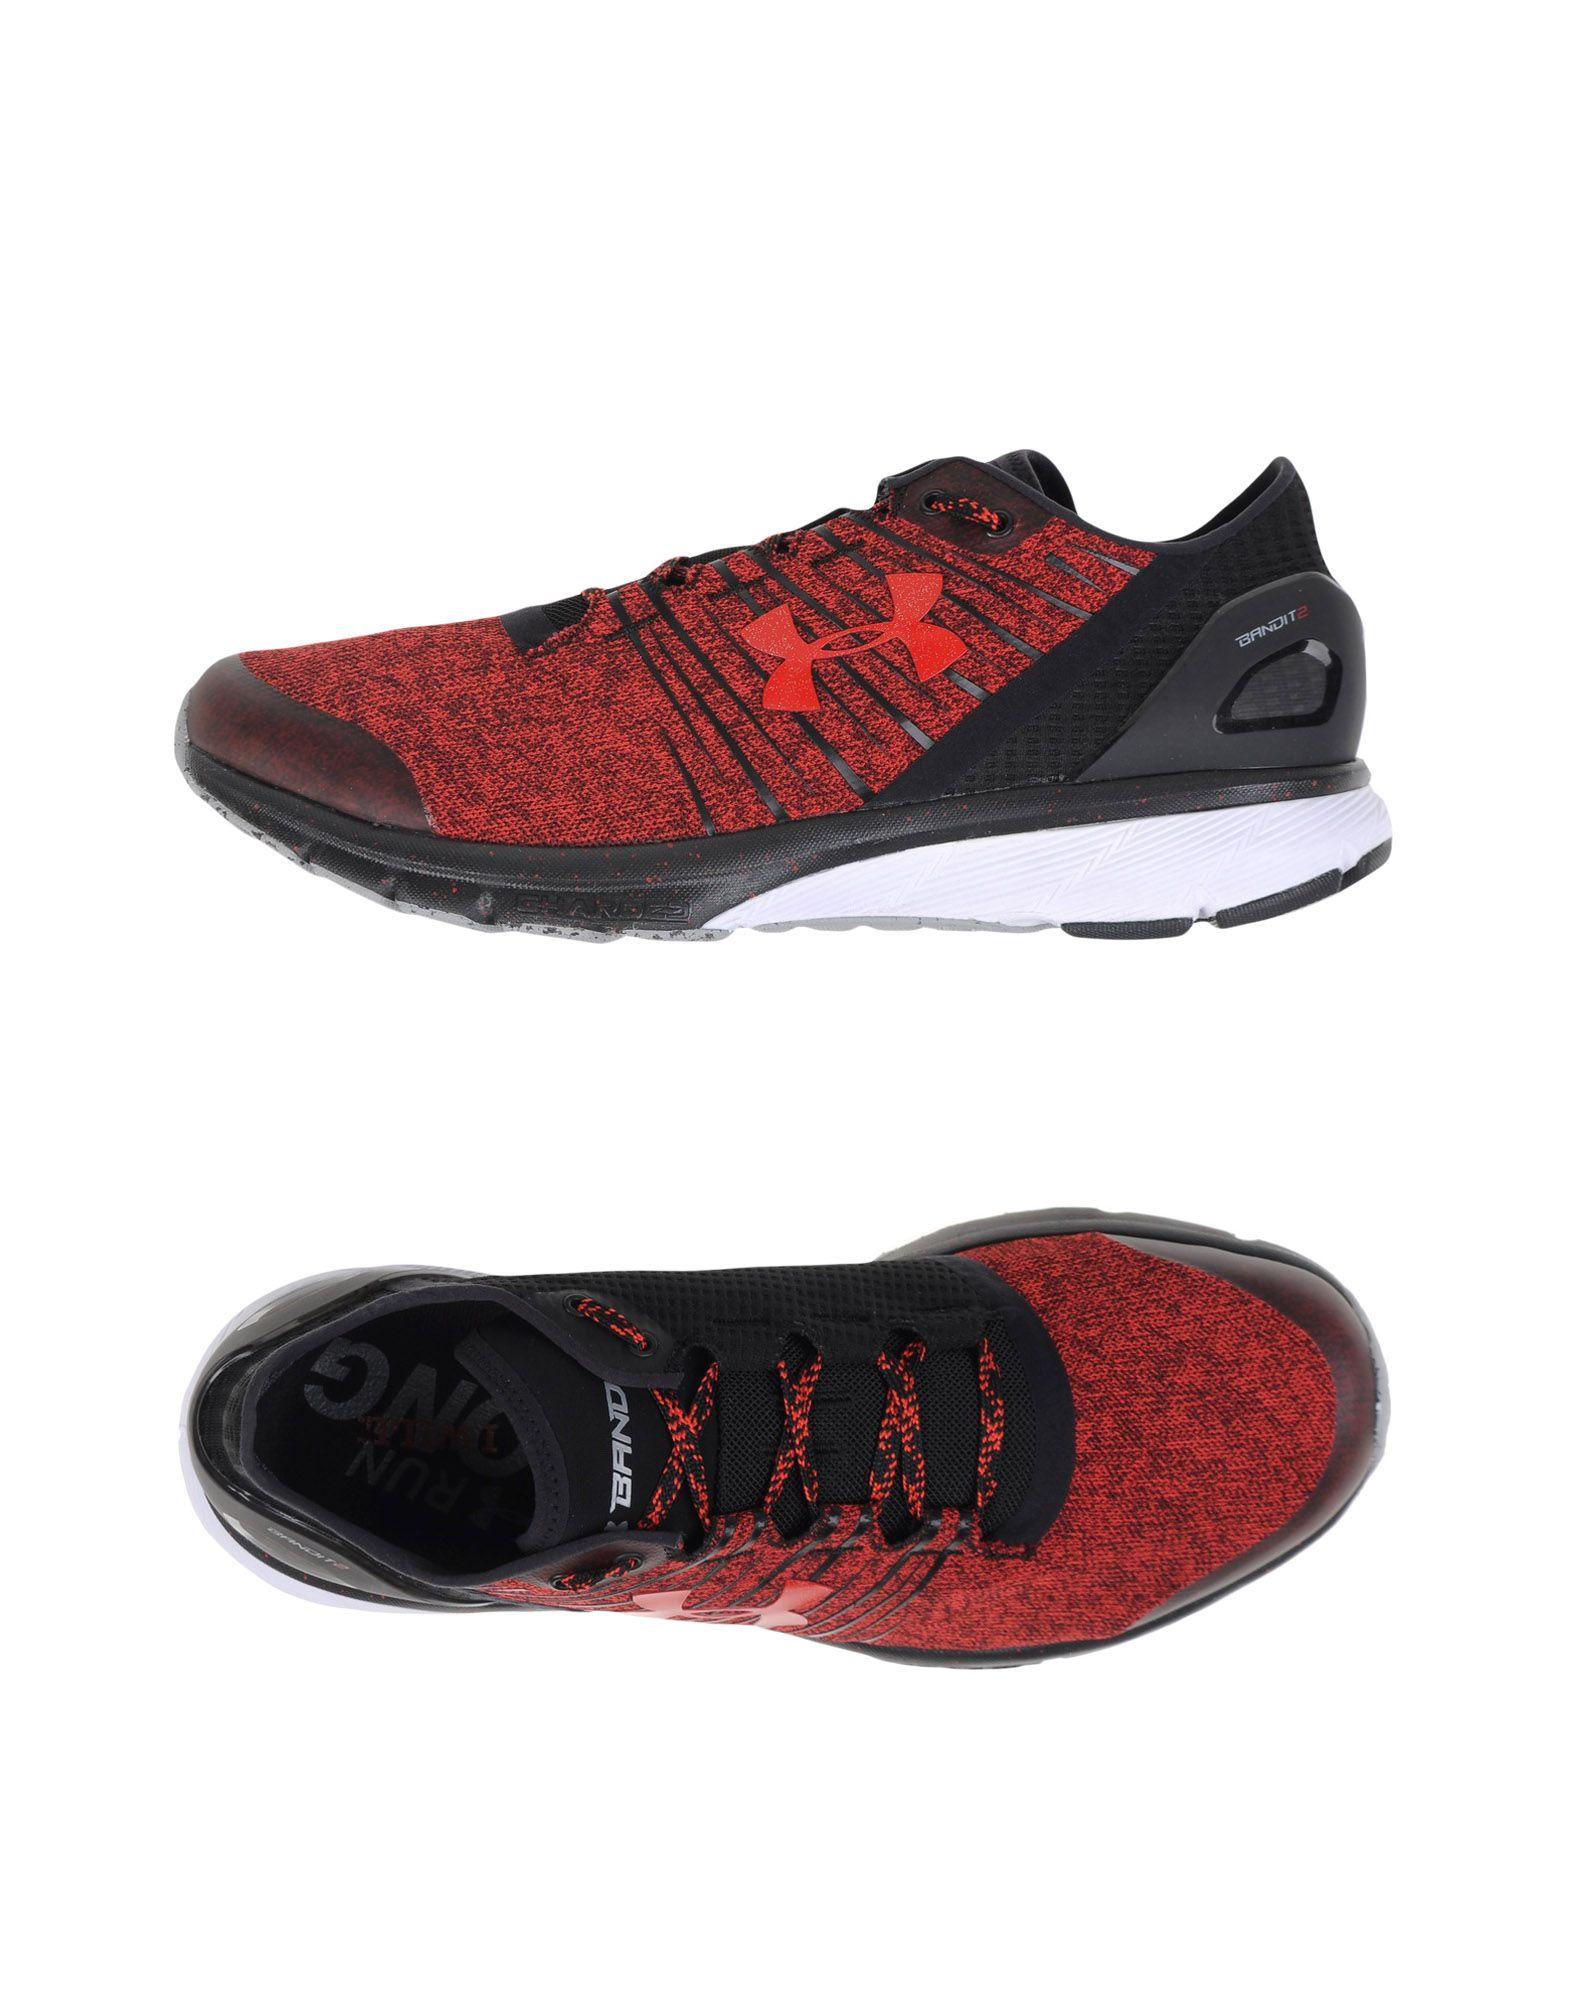 Rabatt echte Schuhe Under Armour Ua Charged Bandit 2 11095680QW